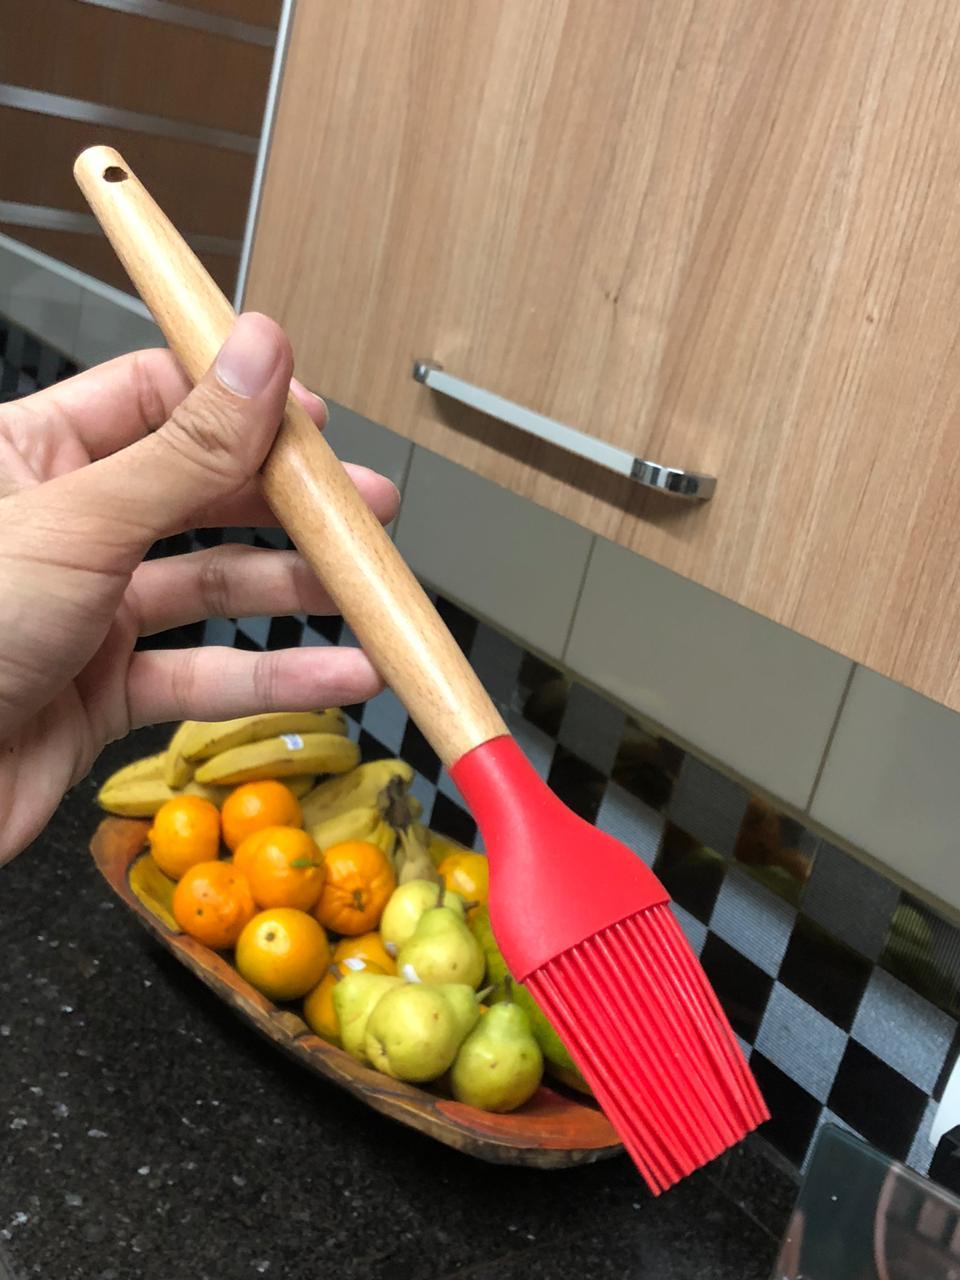 Pincel culinário de silicone e madeira untar confeitar vermelho 28cm livre de bpa